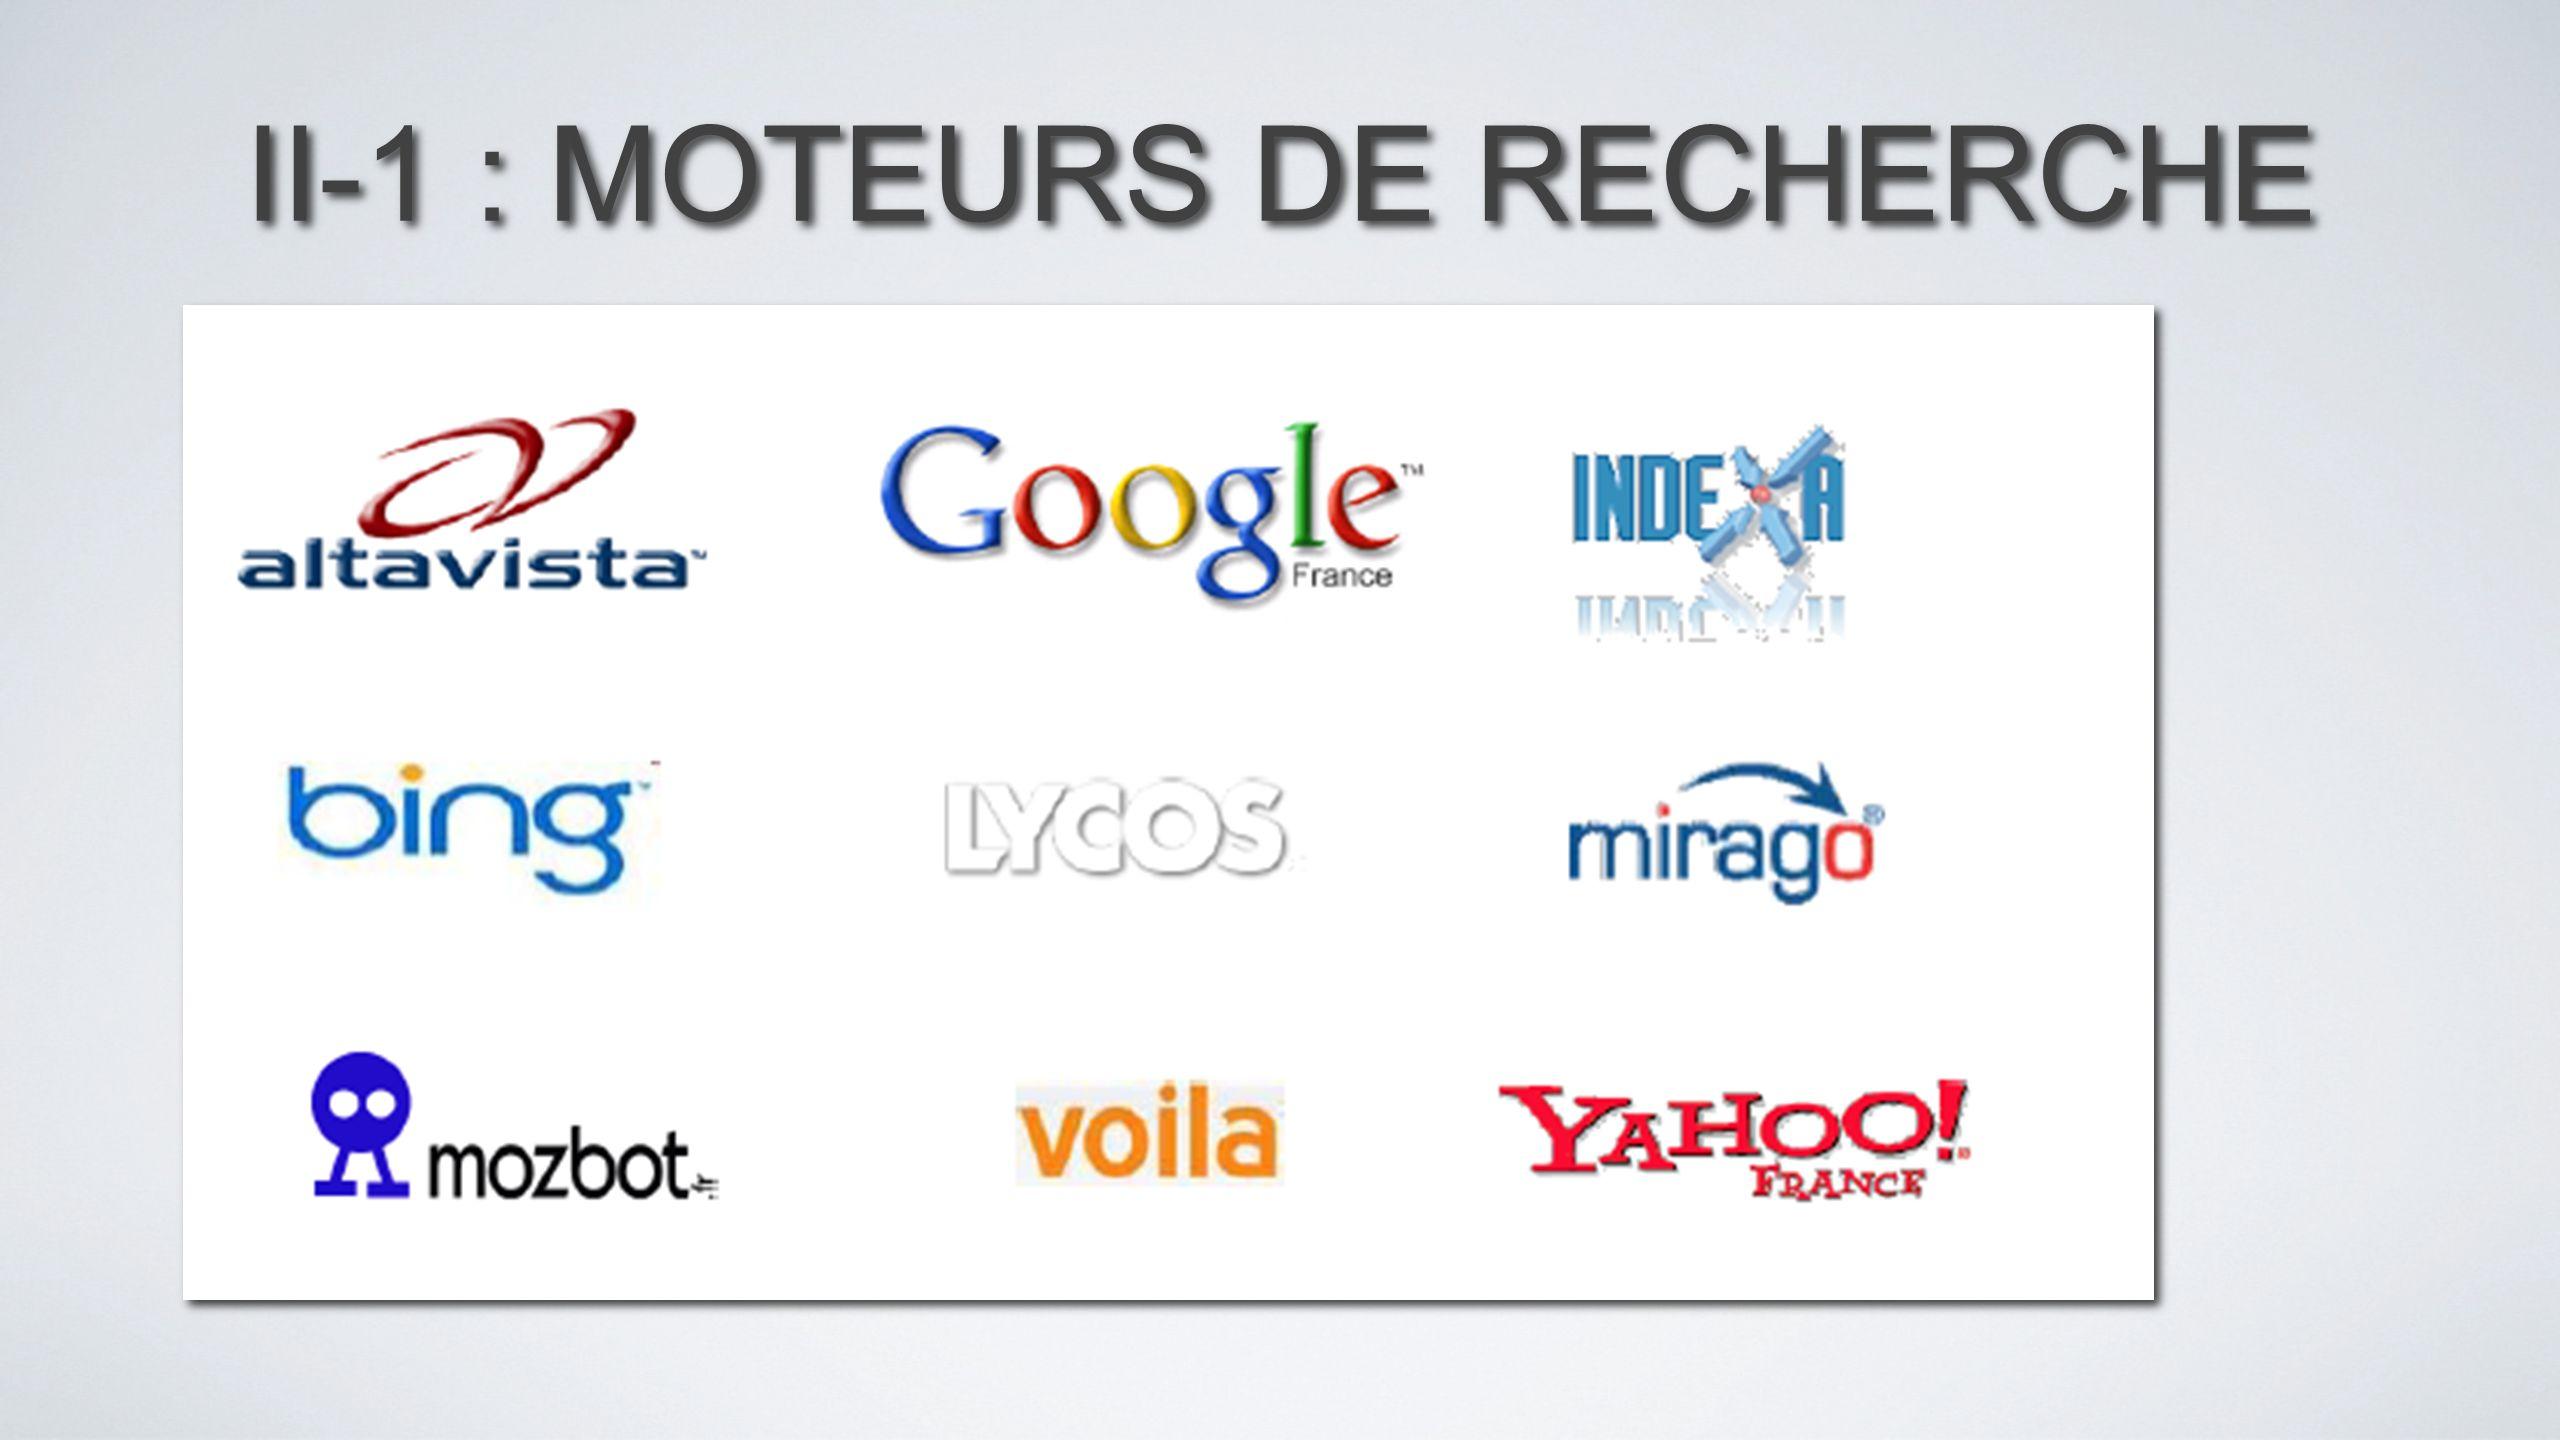 II-1 : MOTEURS DE RECHERCHE